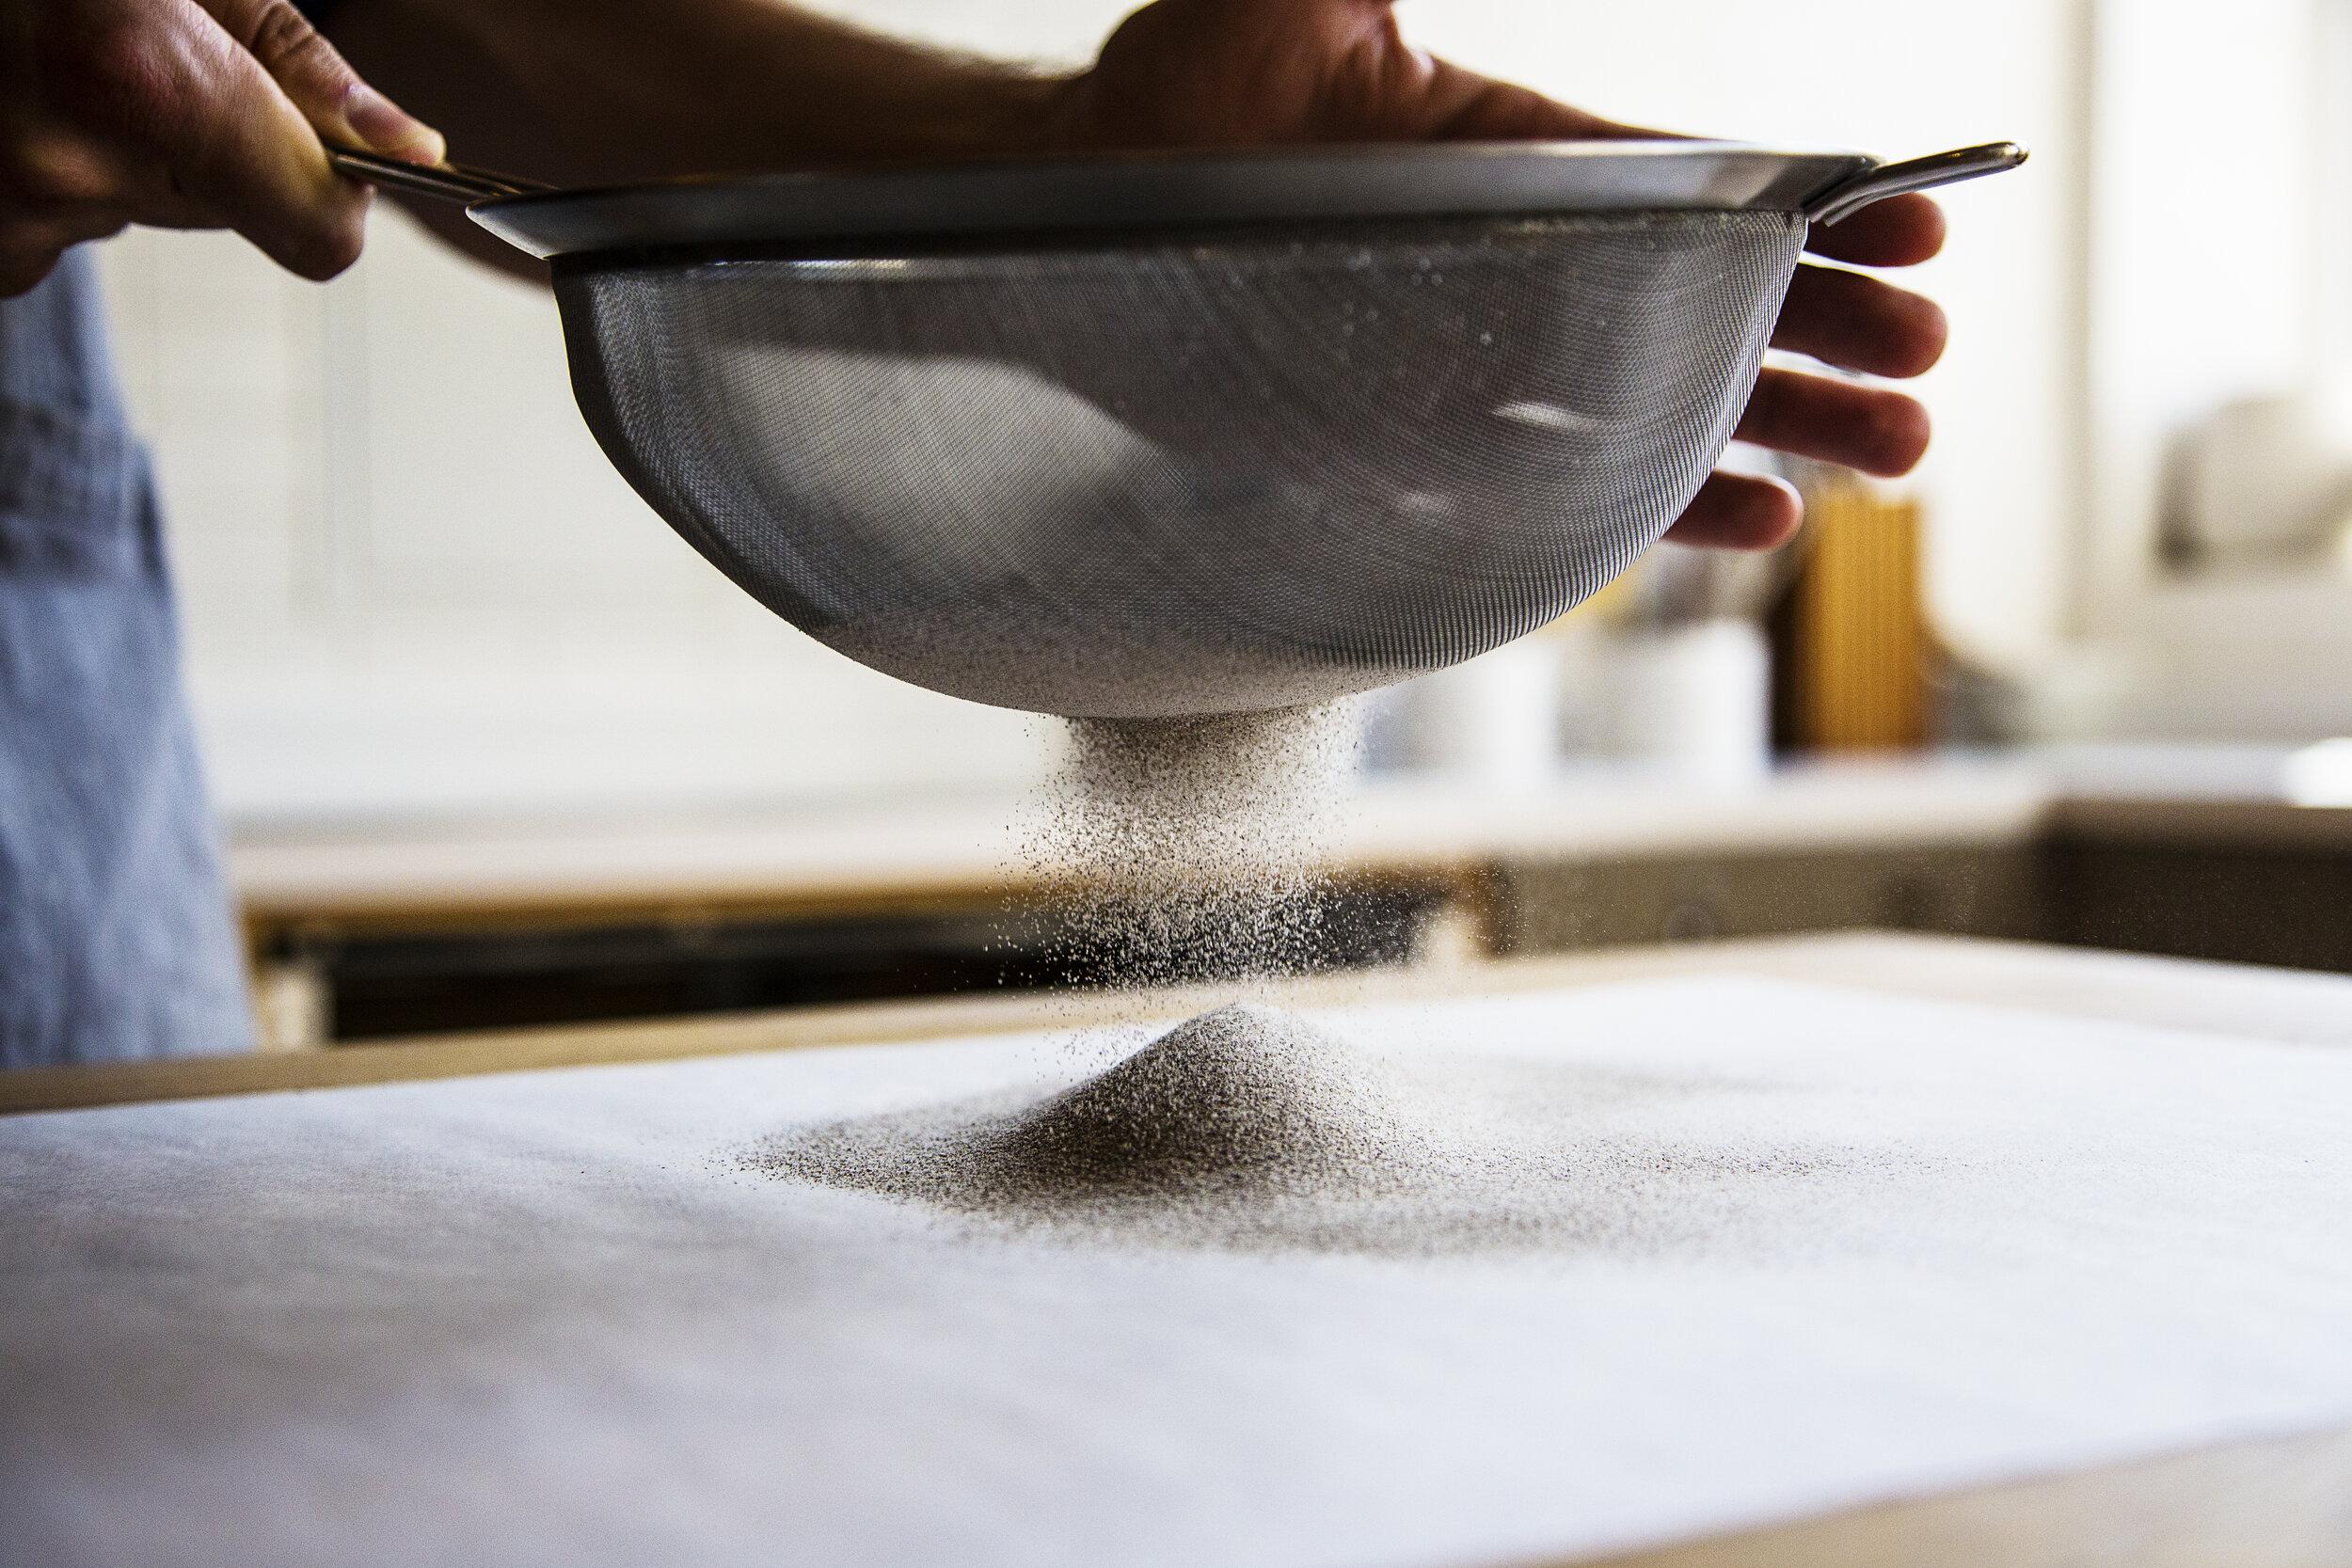 Buckwheat-Flour-Highres.jpg